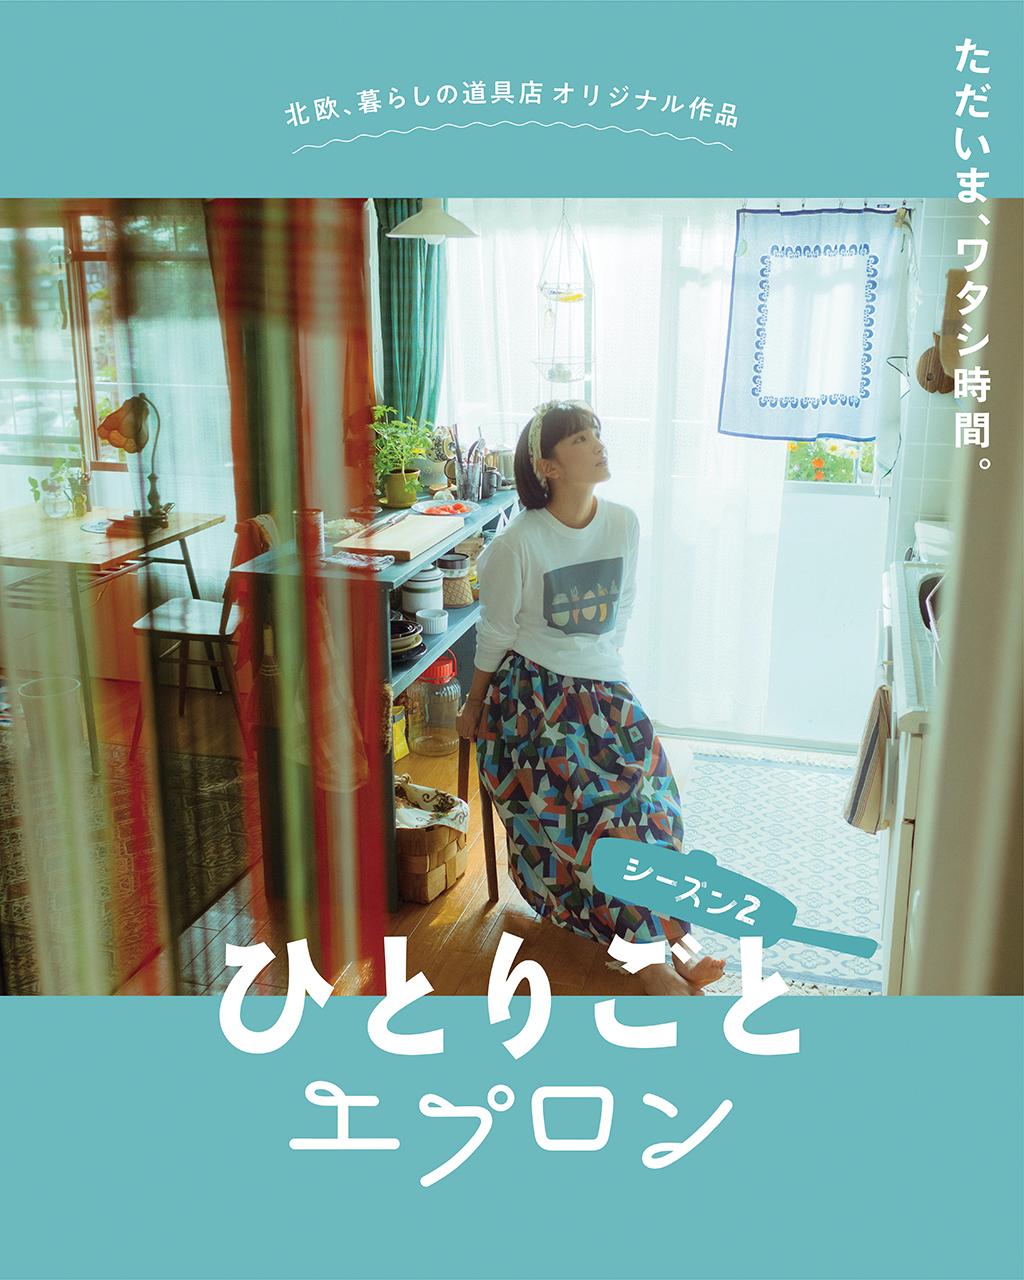 สาระคดีโดย HOKUOH KURASHINO DOUGU TEN